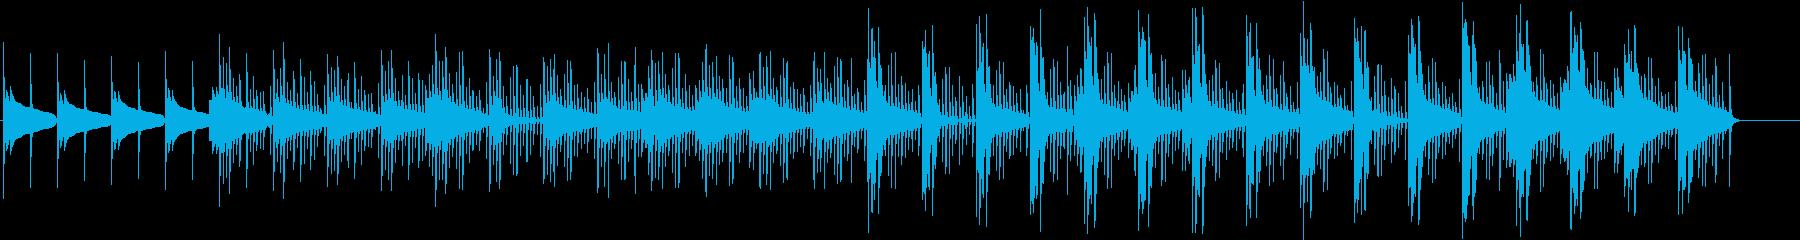 無機質な感じの短い曲の再生済みの波形